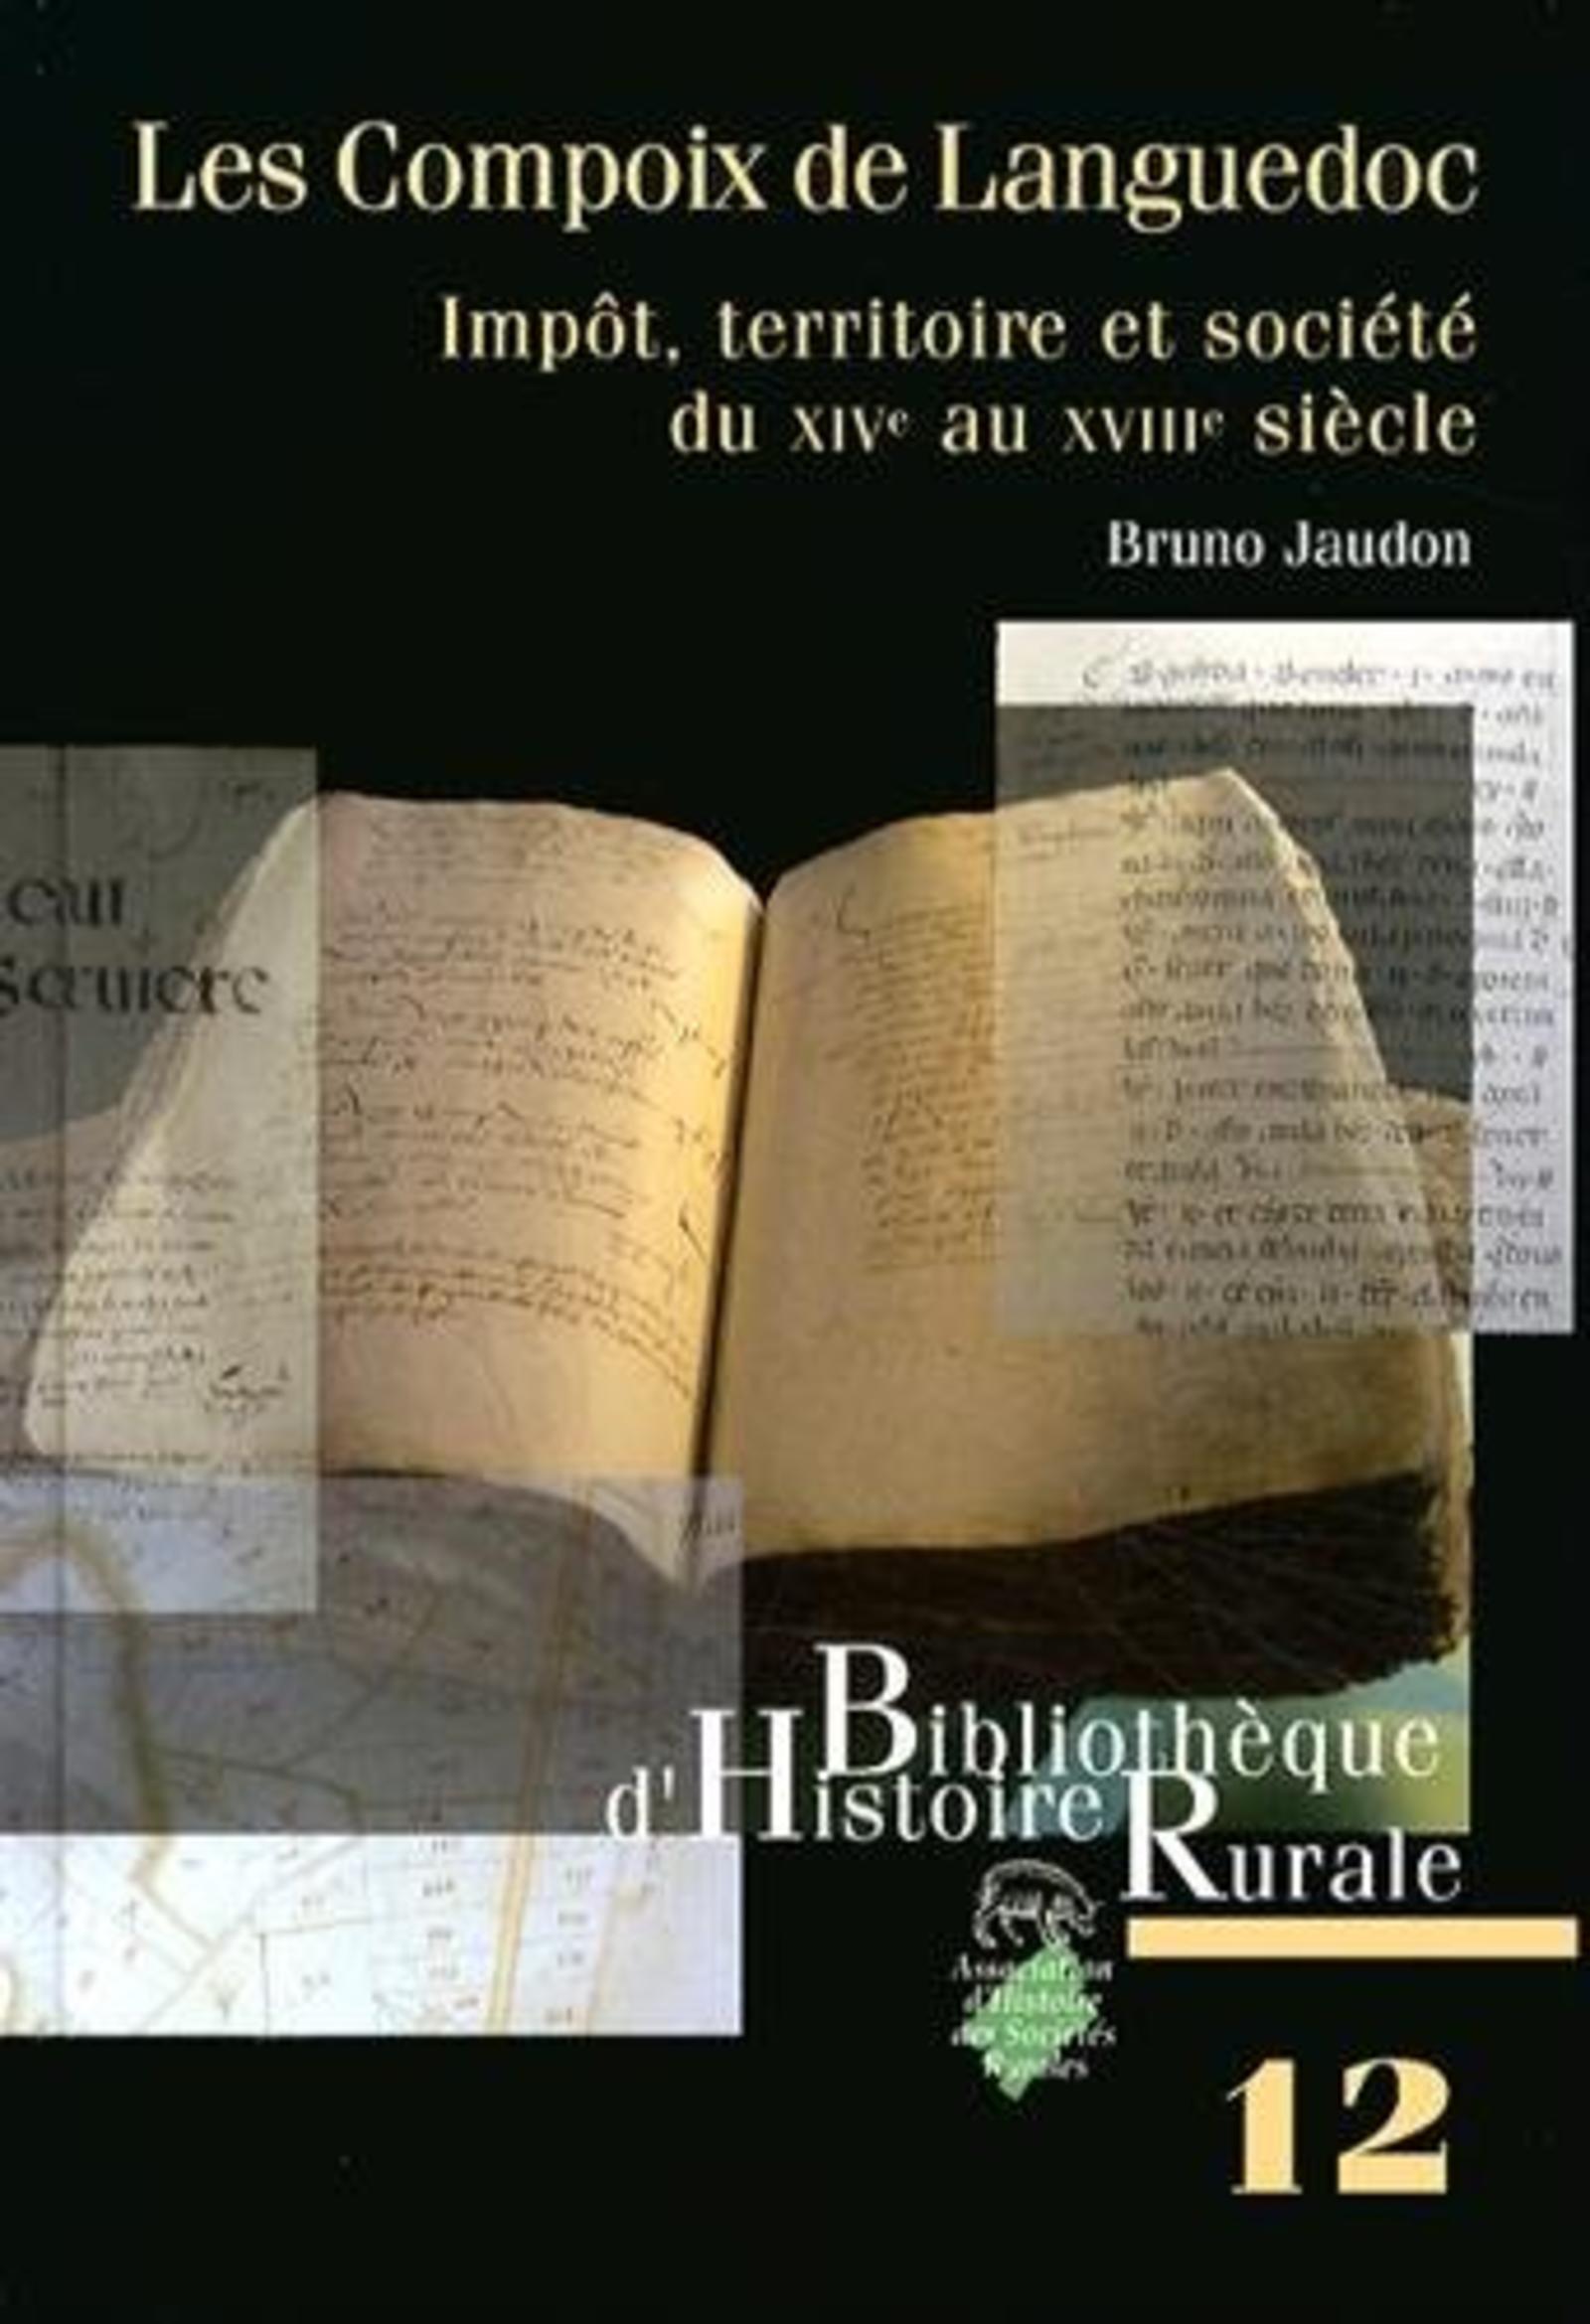 LES COMPOIX DE LANGUEDOC. IMPOT, TERRITOIRE ET SOCIETE DU XIVE AU XVI